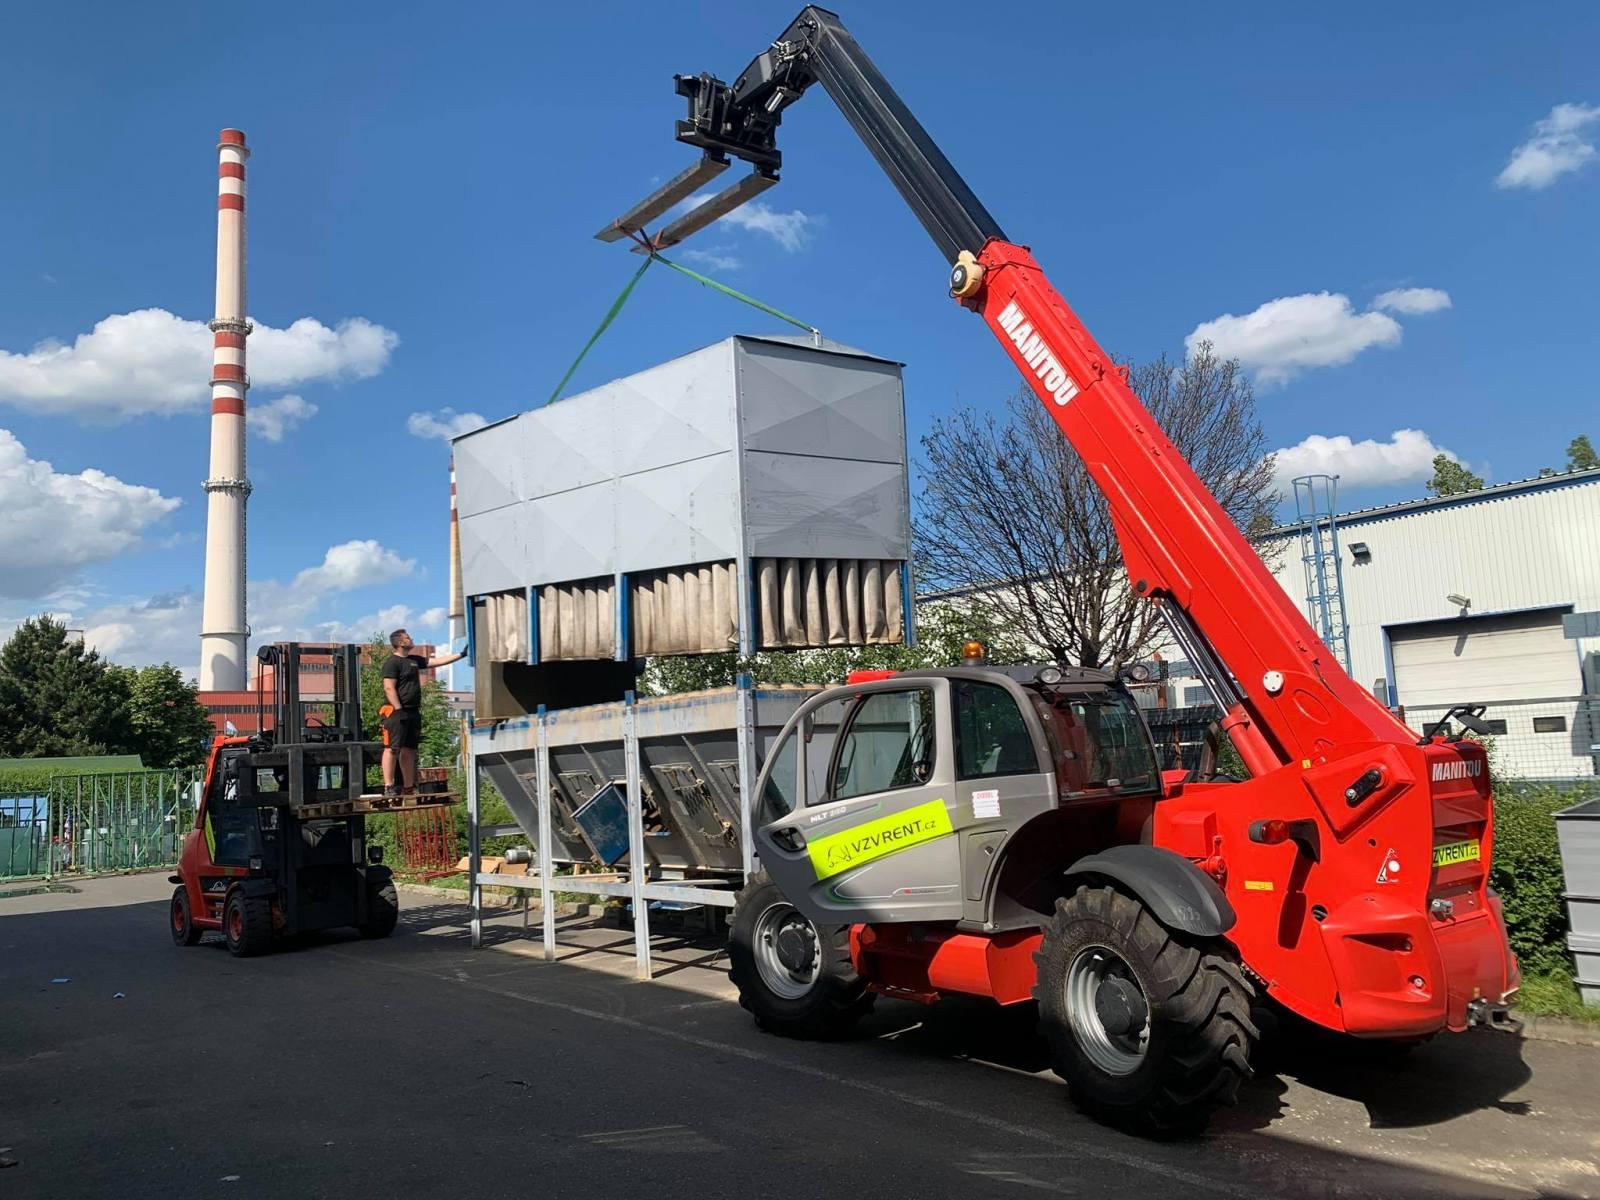 průběh stěhování výrobní haly Moris design pomocí vysokozdvižného vozíku